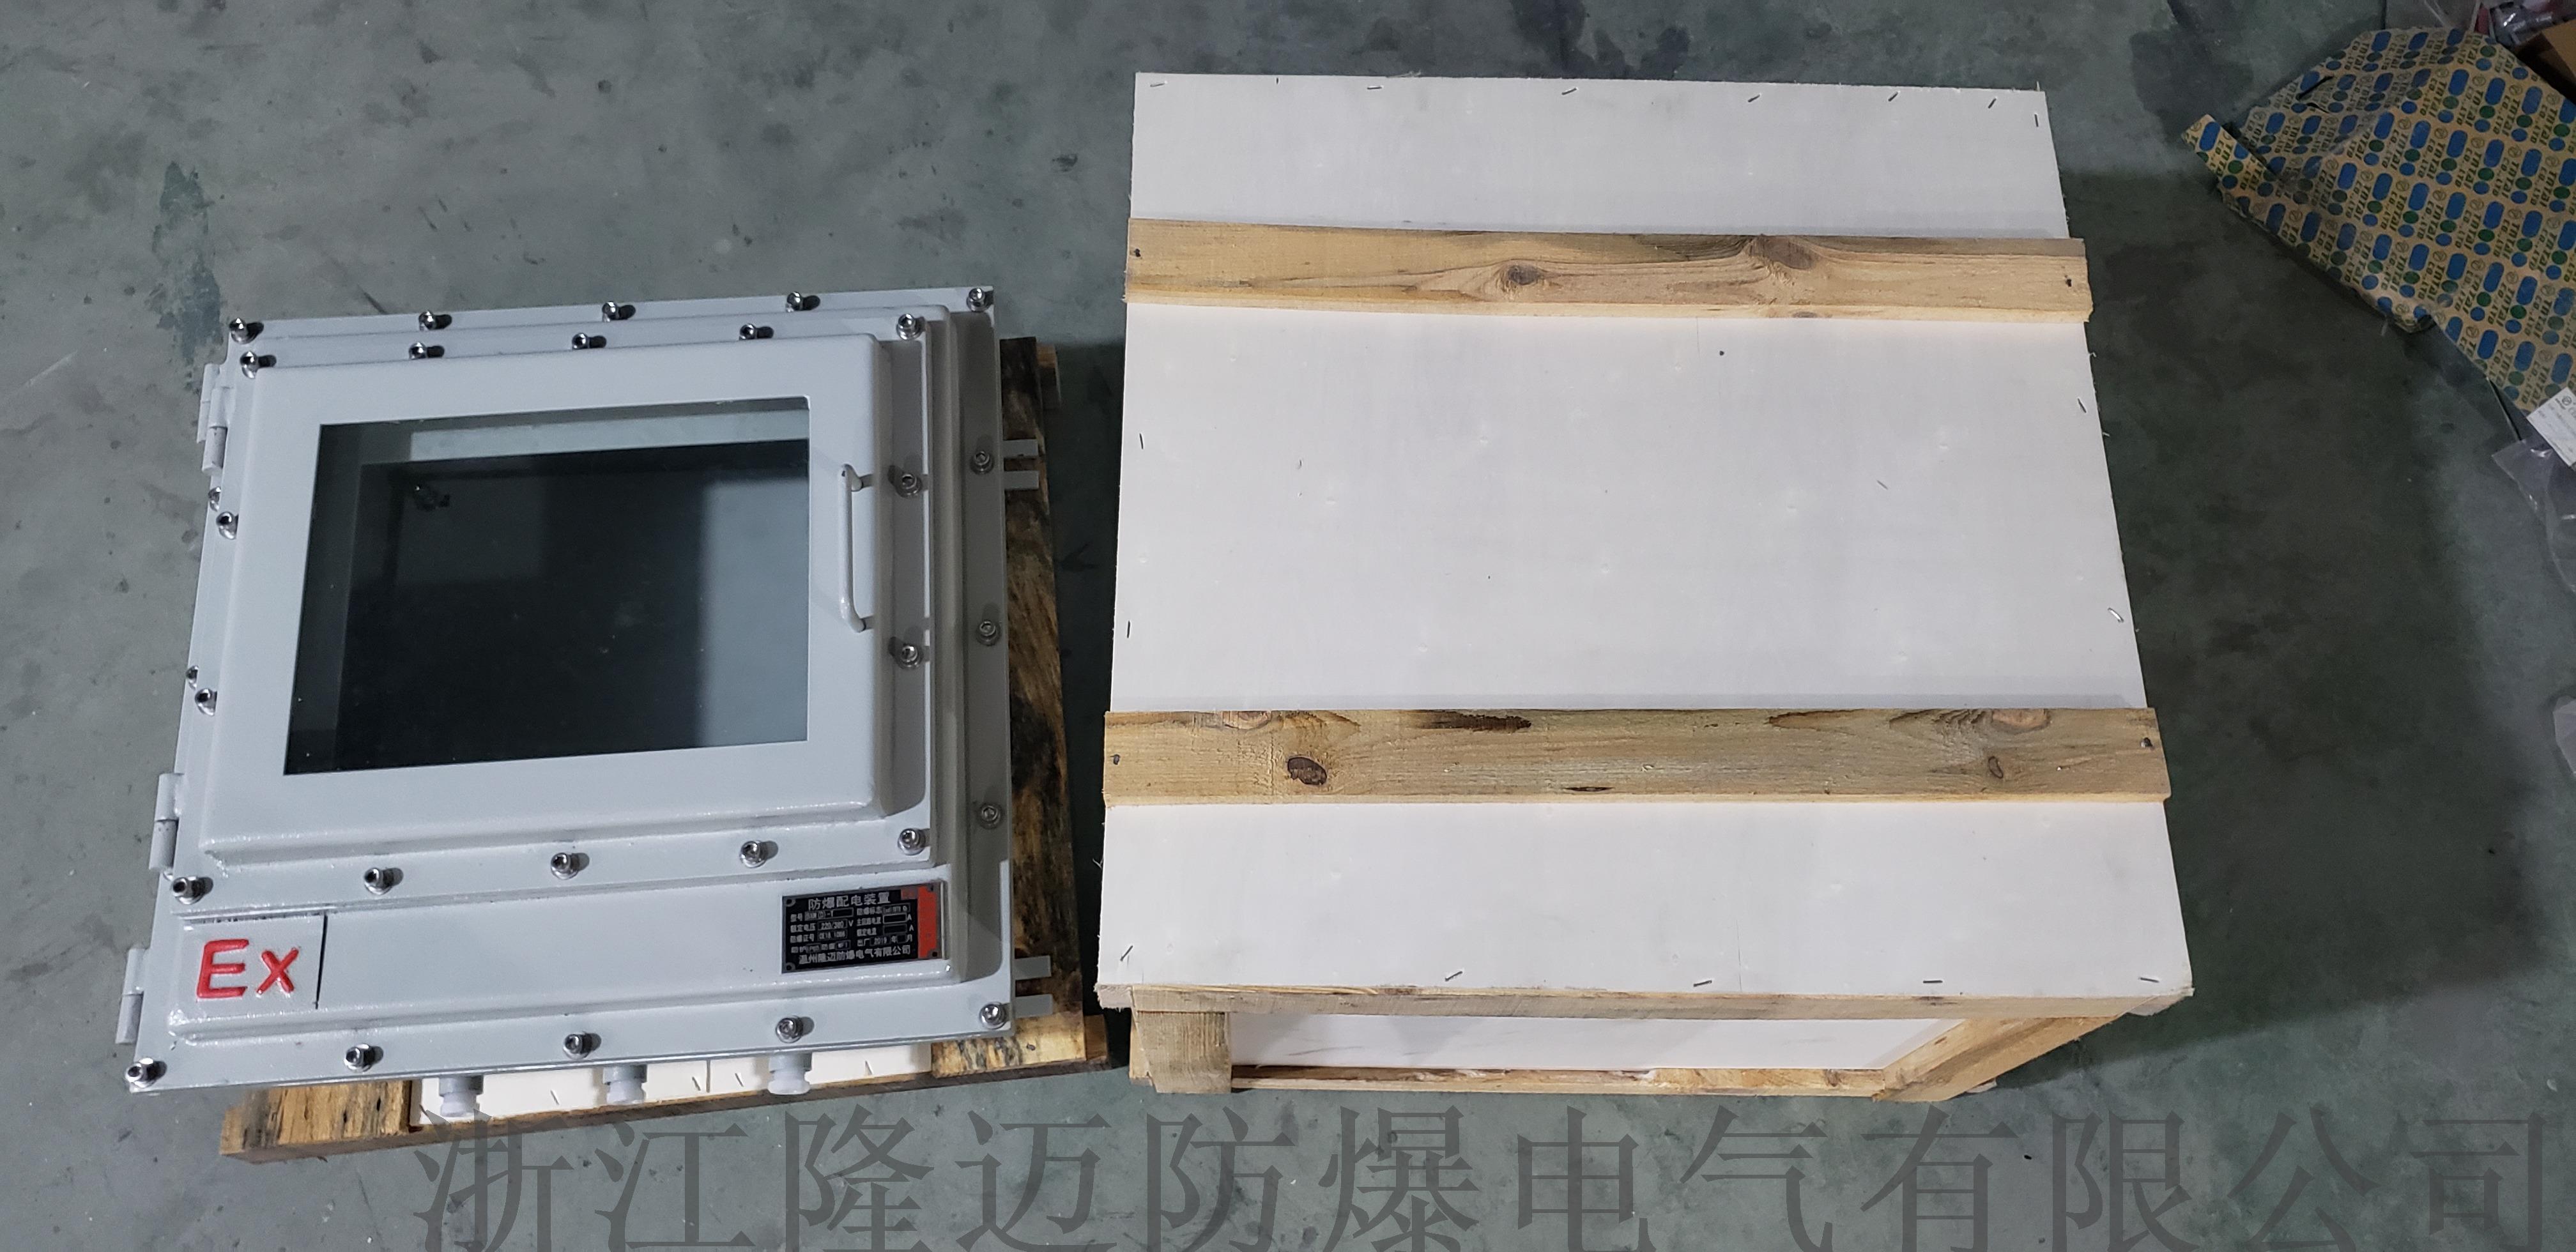 防爆西门子PLC可编程控制箱953035775